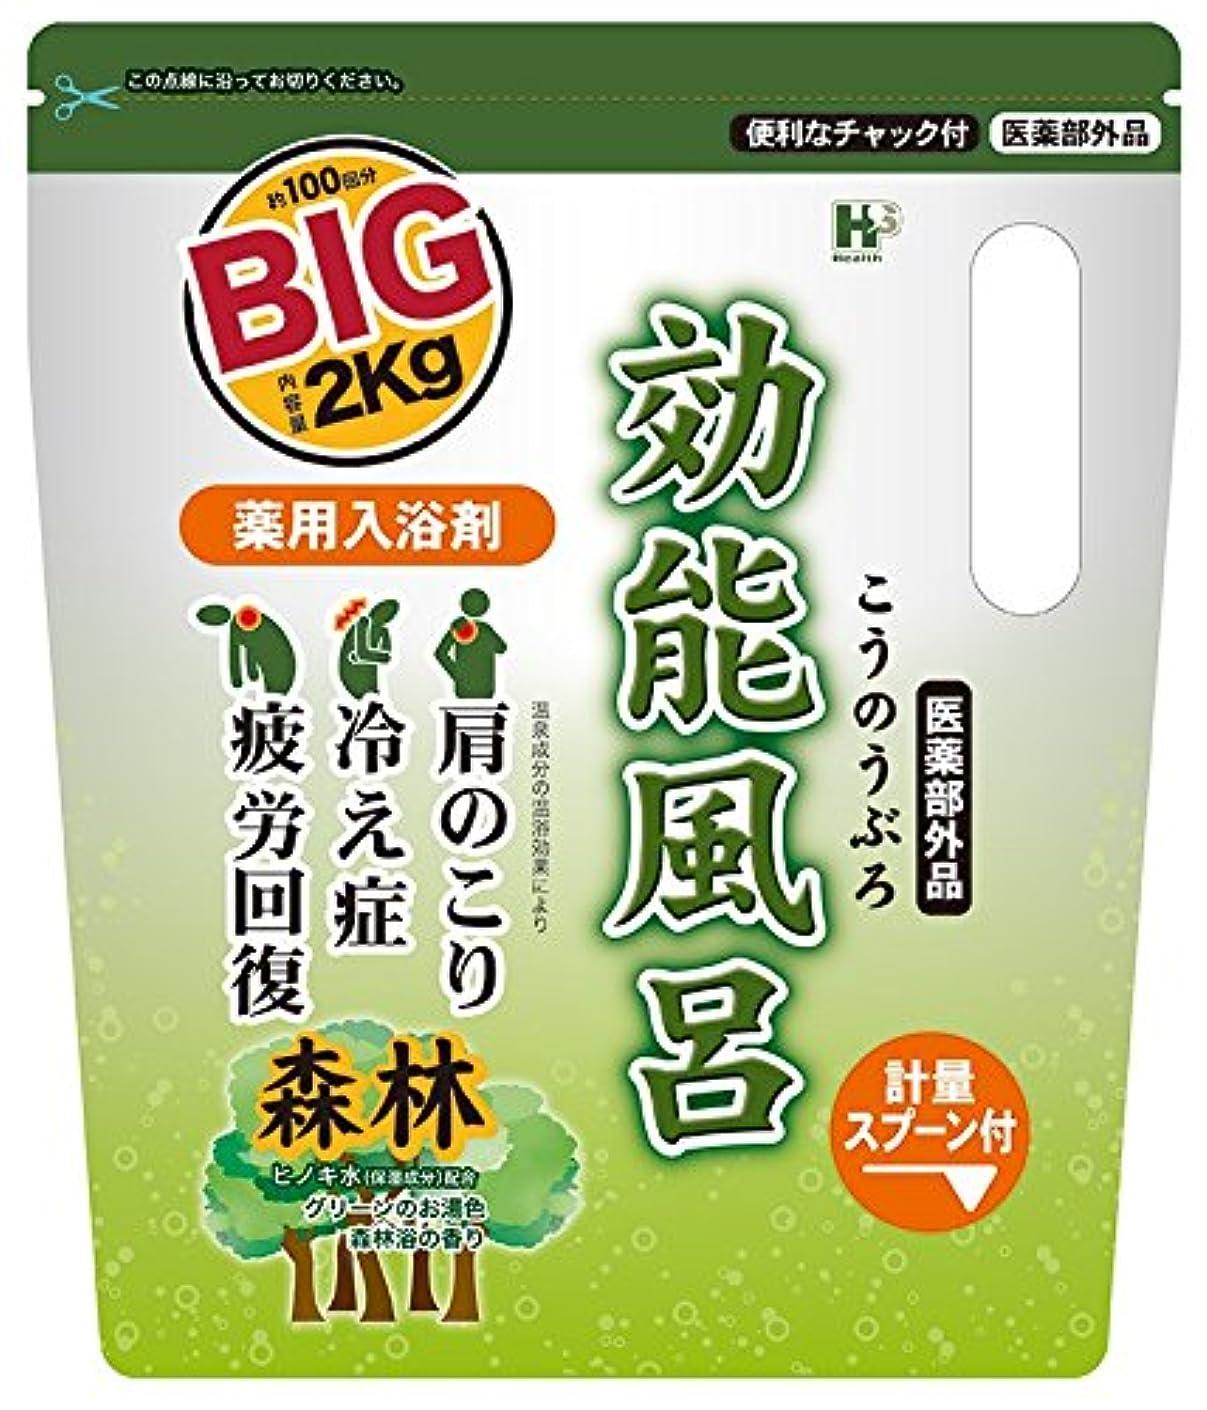 薬用入浴剤 効能風呂 森林の香り BIGサイズ 2kg [医薬部外品]